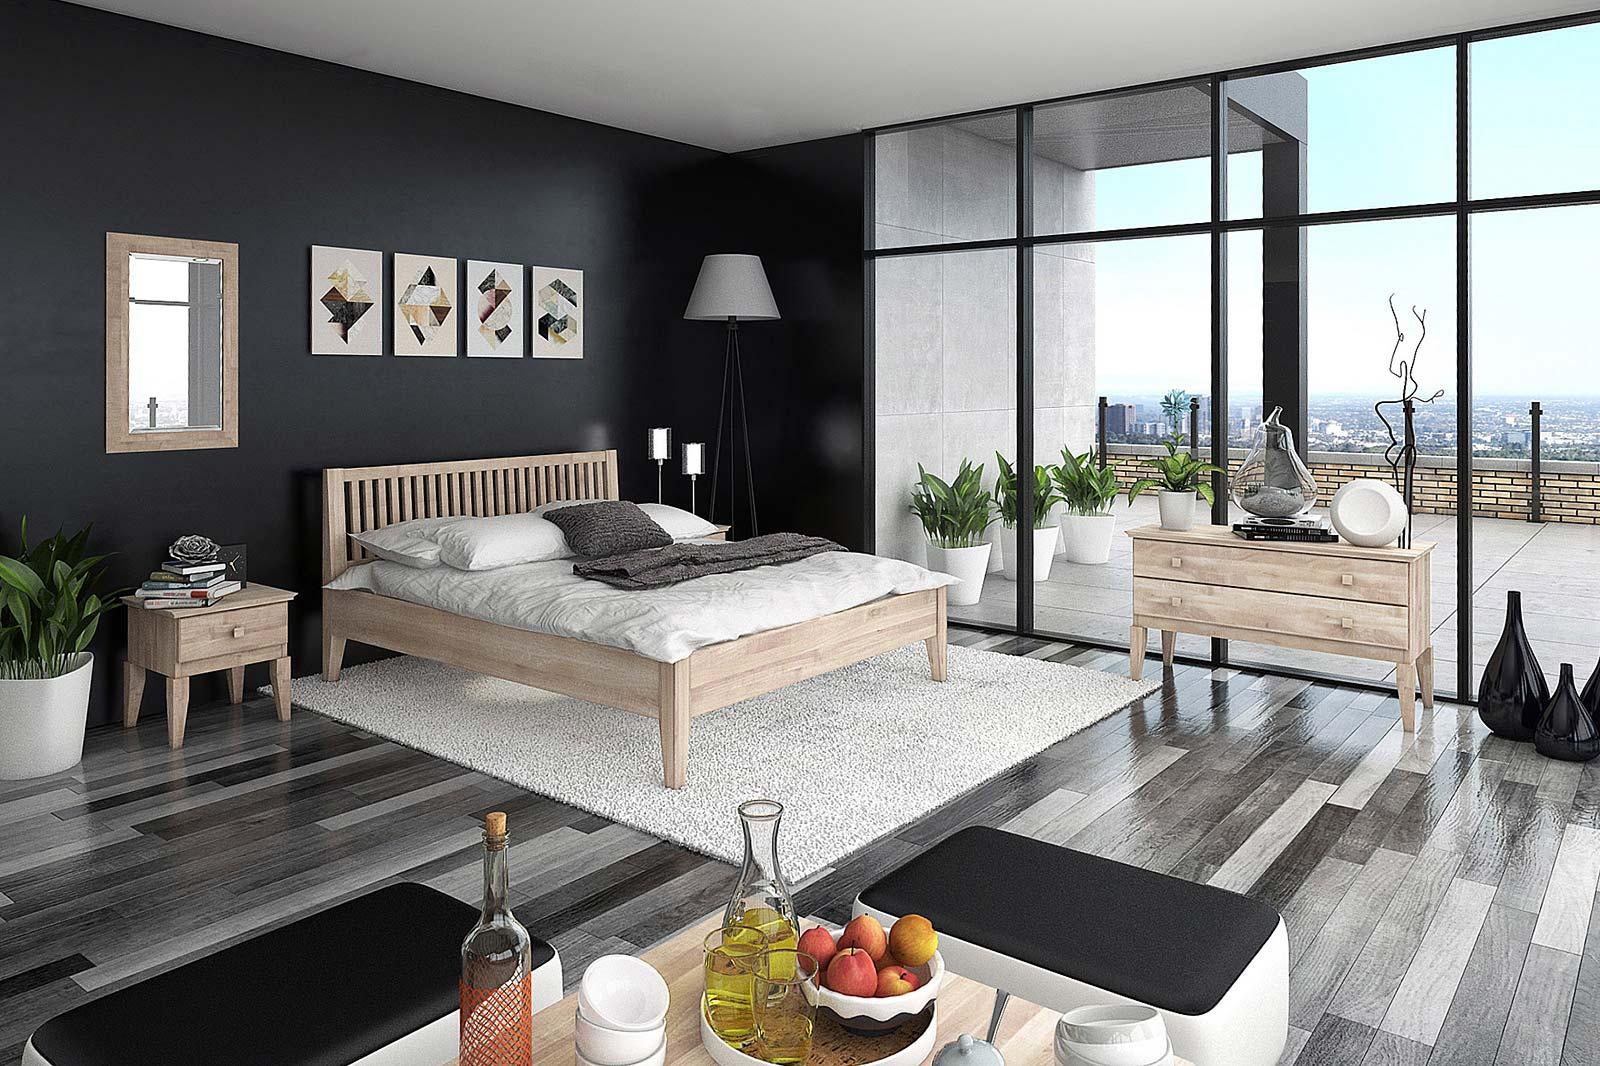 Sypialnia z kolekcji Odys sklepu The Beds